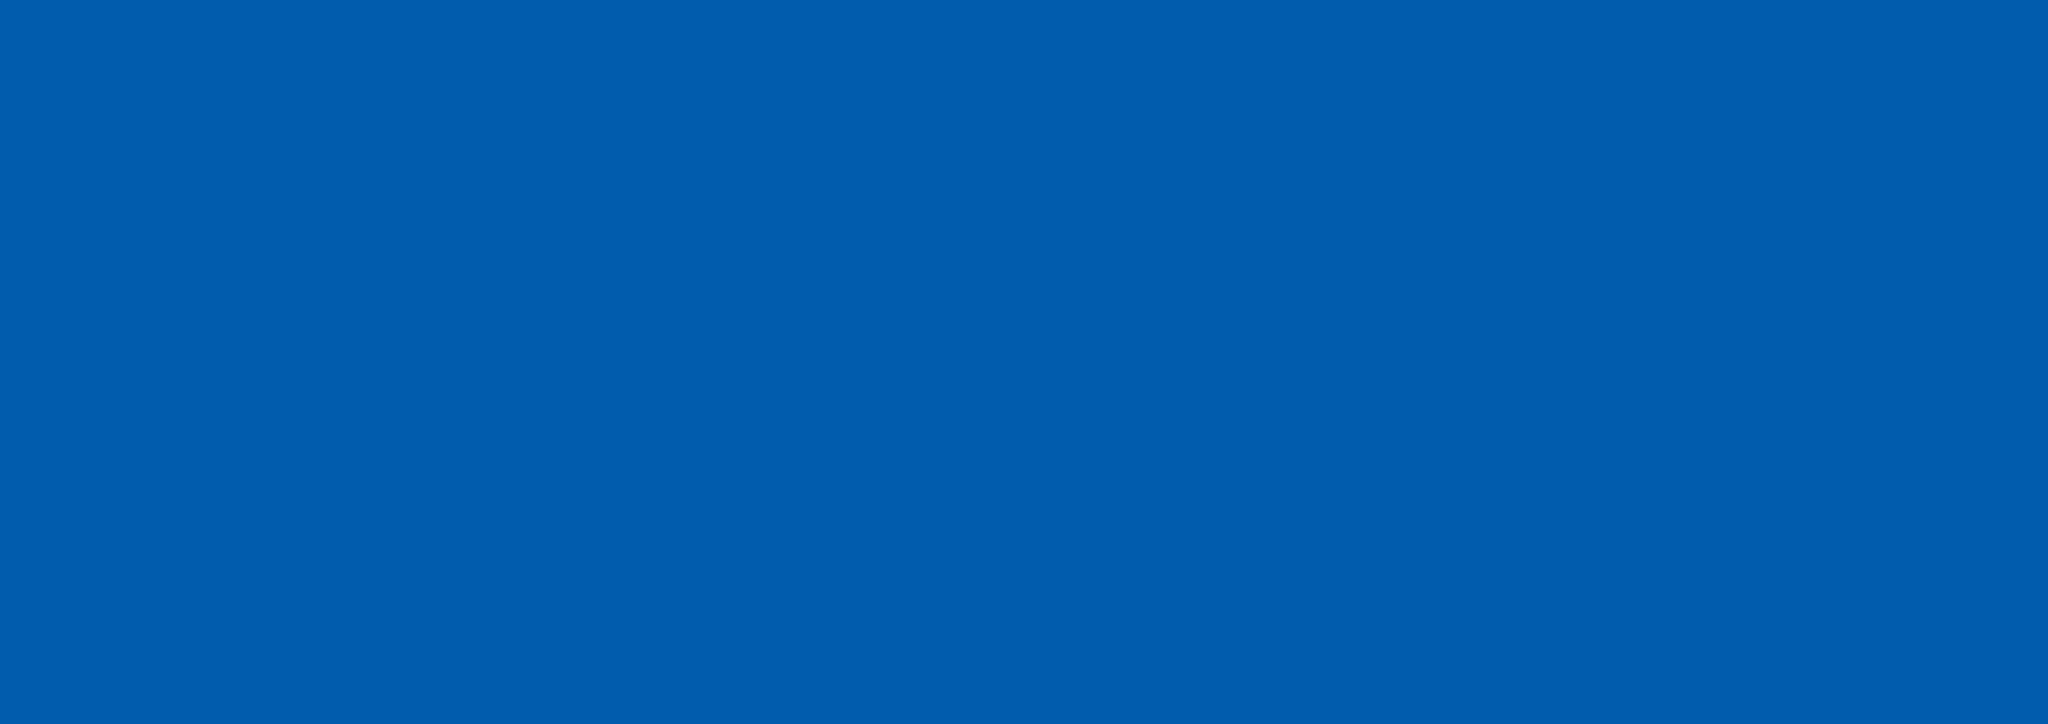 MakMax-Australia-Logo-Blue